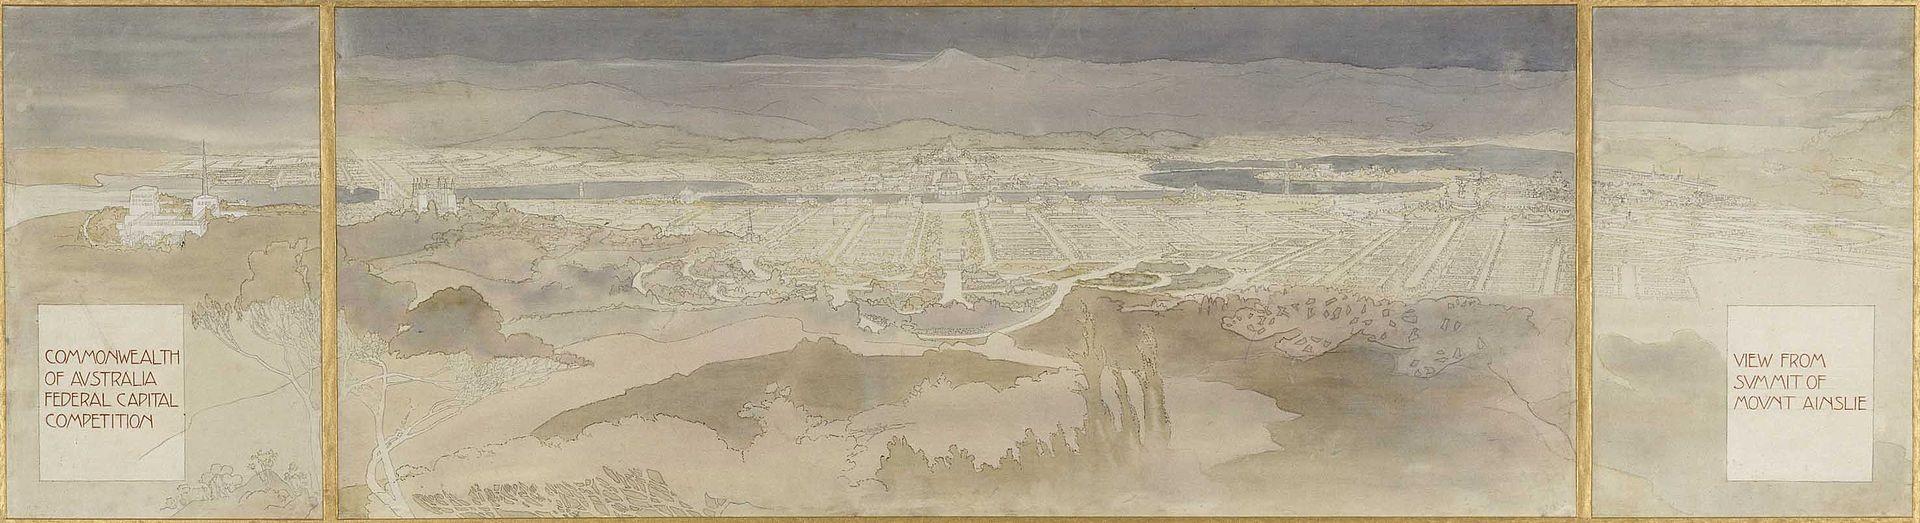 Acuarela del proyecto Canberra. Imagen de dominio público